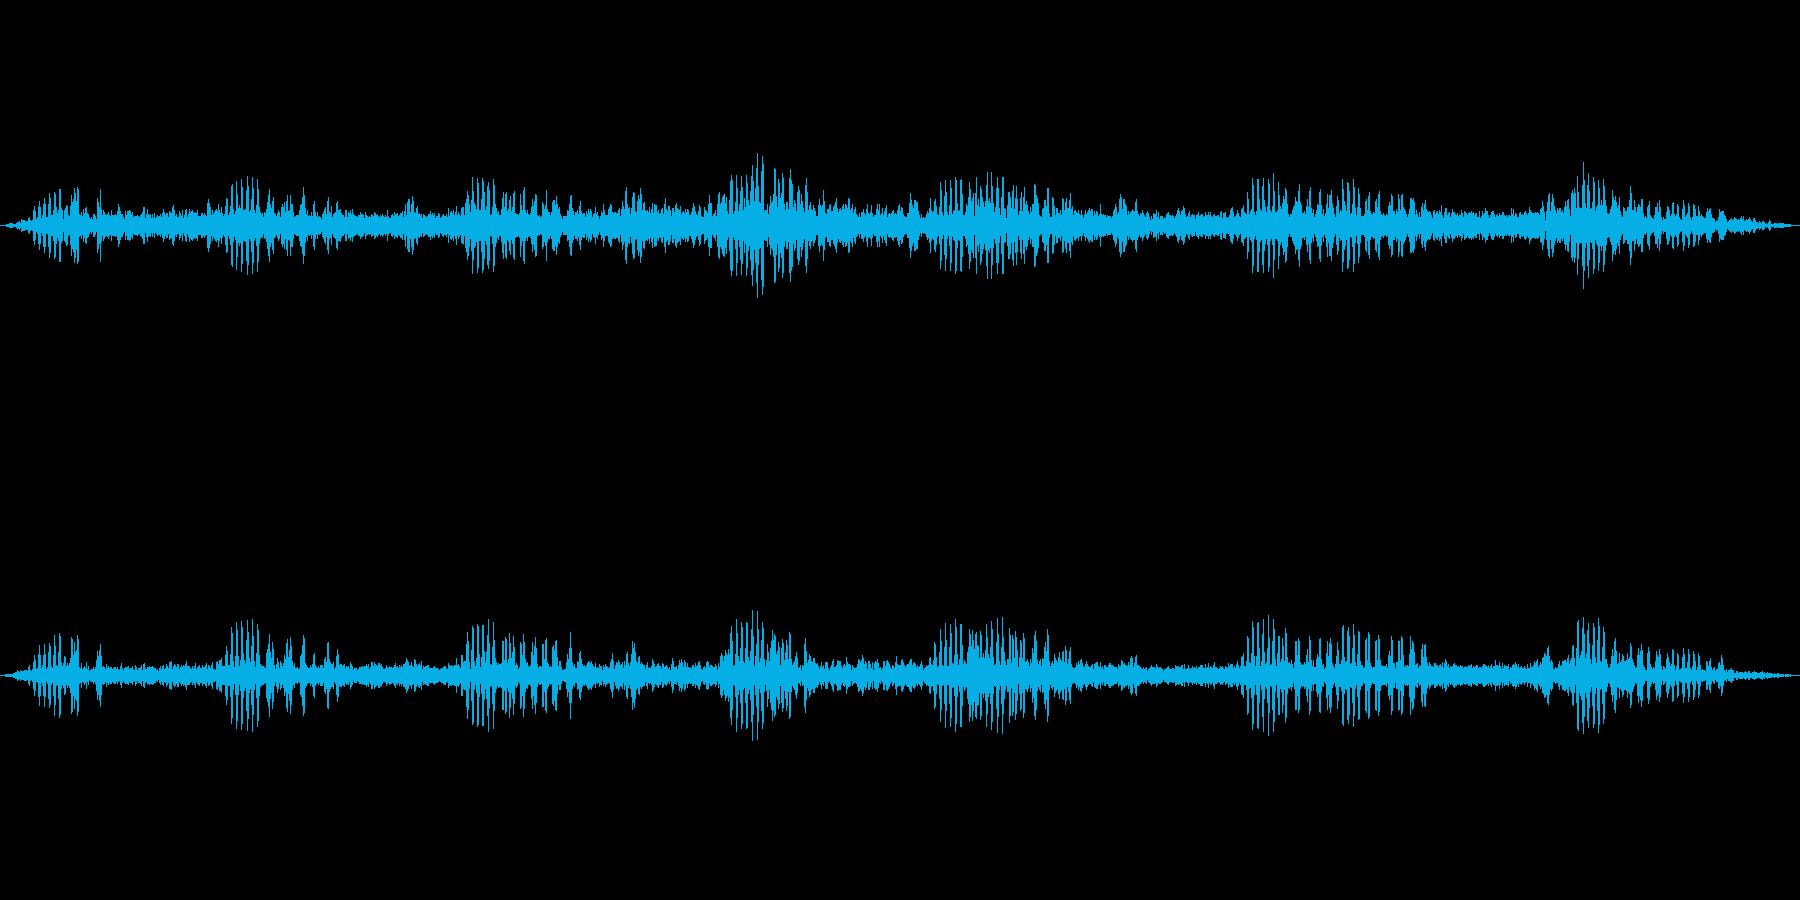 秋の虫の音中心の環境音の再生済みの波形